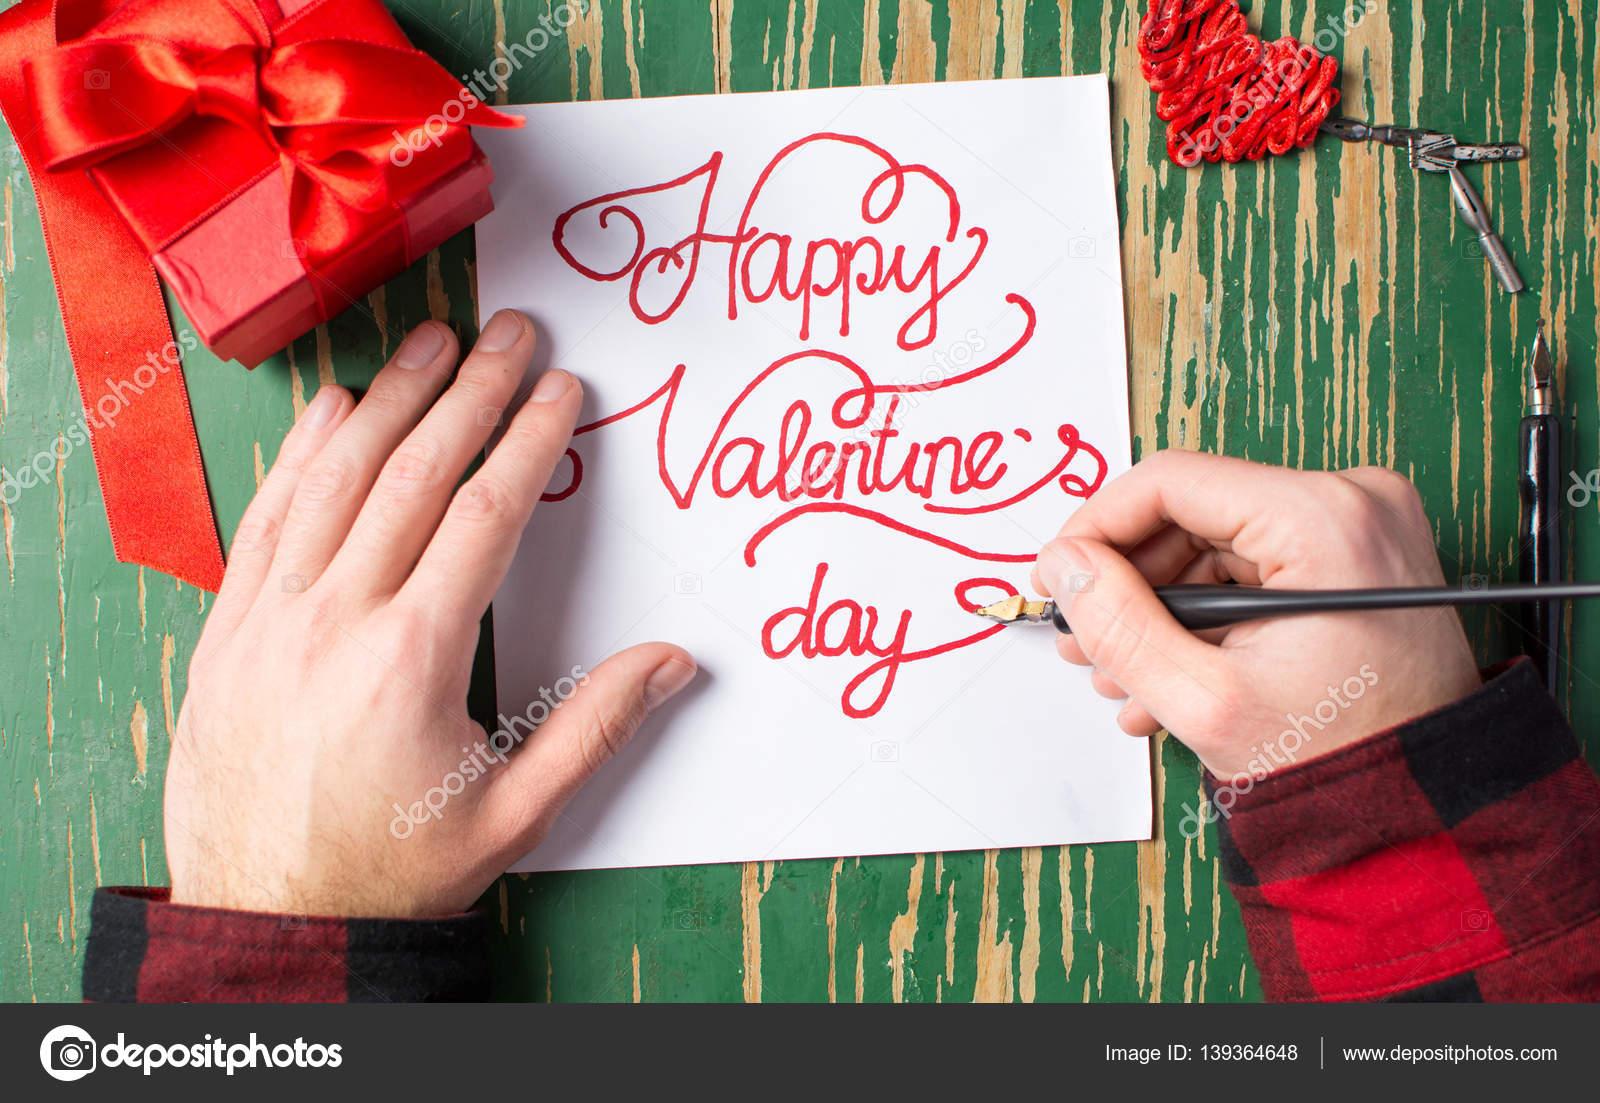 Was schreibt man in eine valentinstag